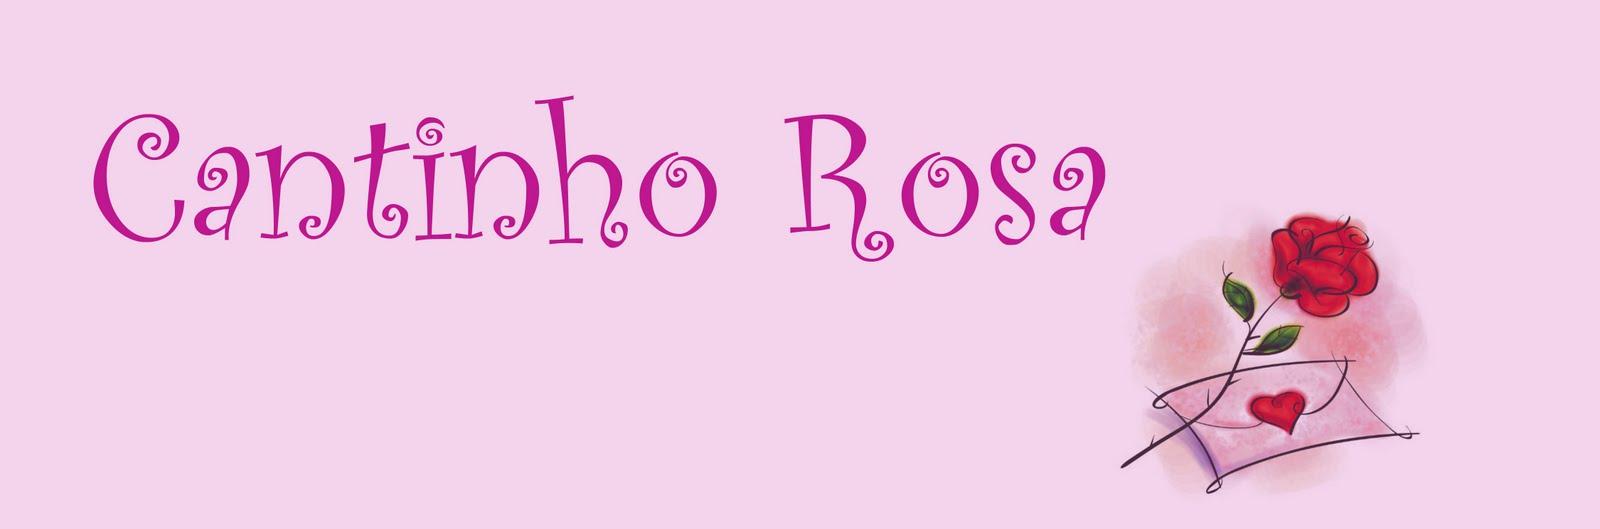 Cantinho Rosa